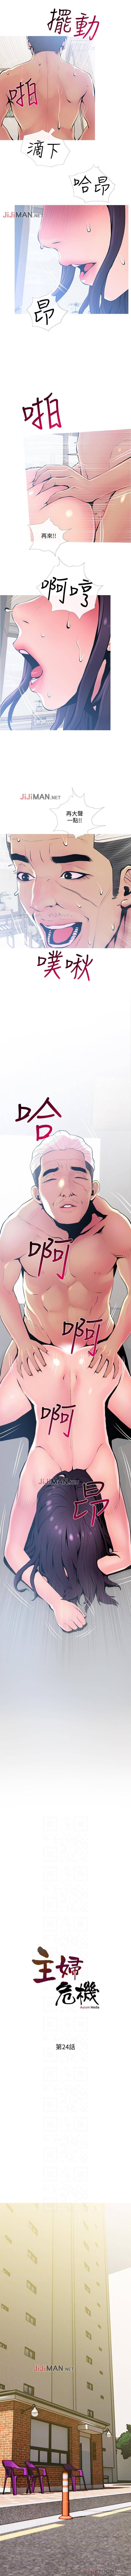 【周五连载】主妇危机(作者:查爾斯&漢水) 第1~26话 162